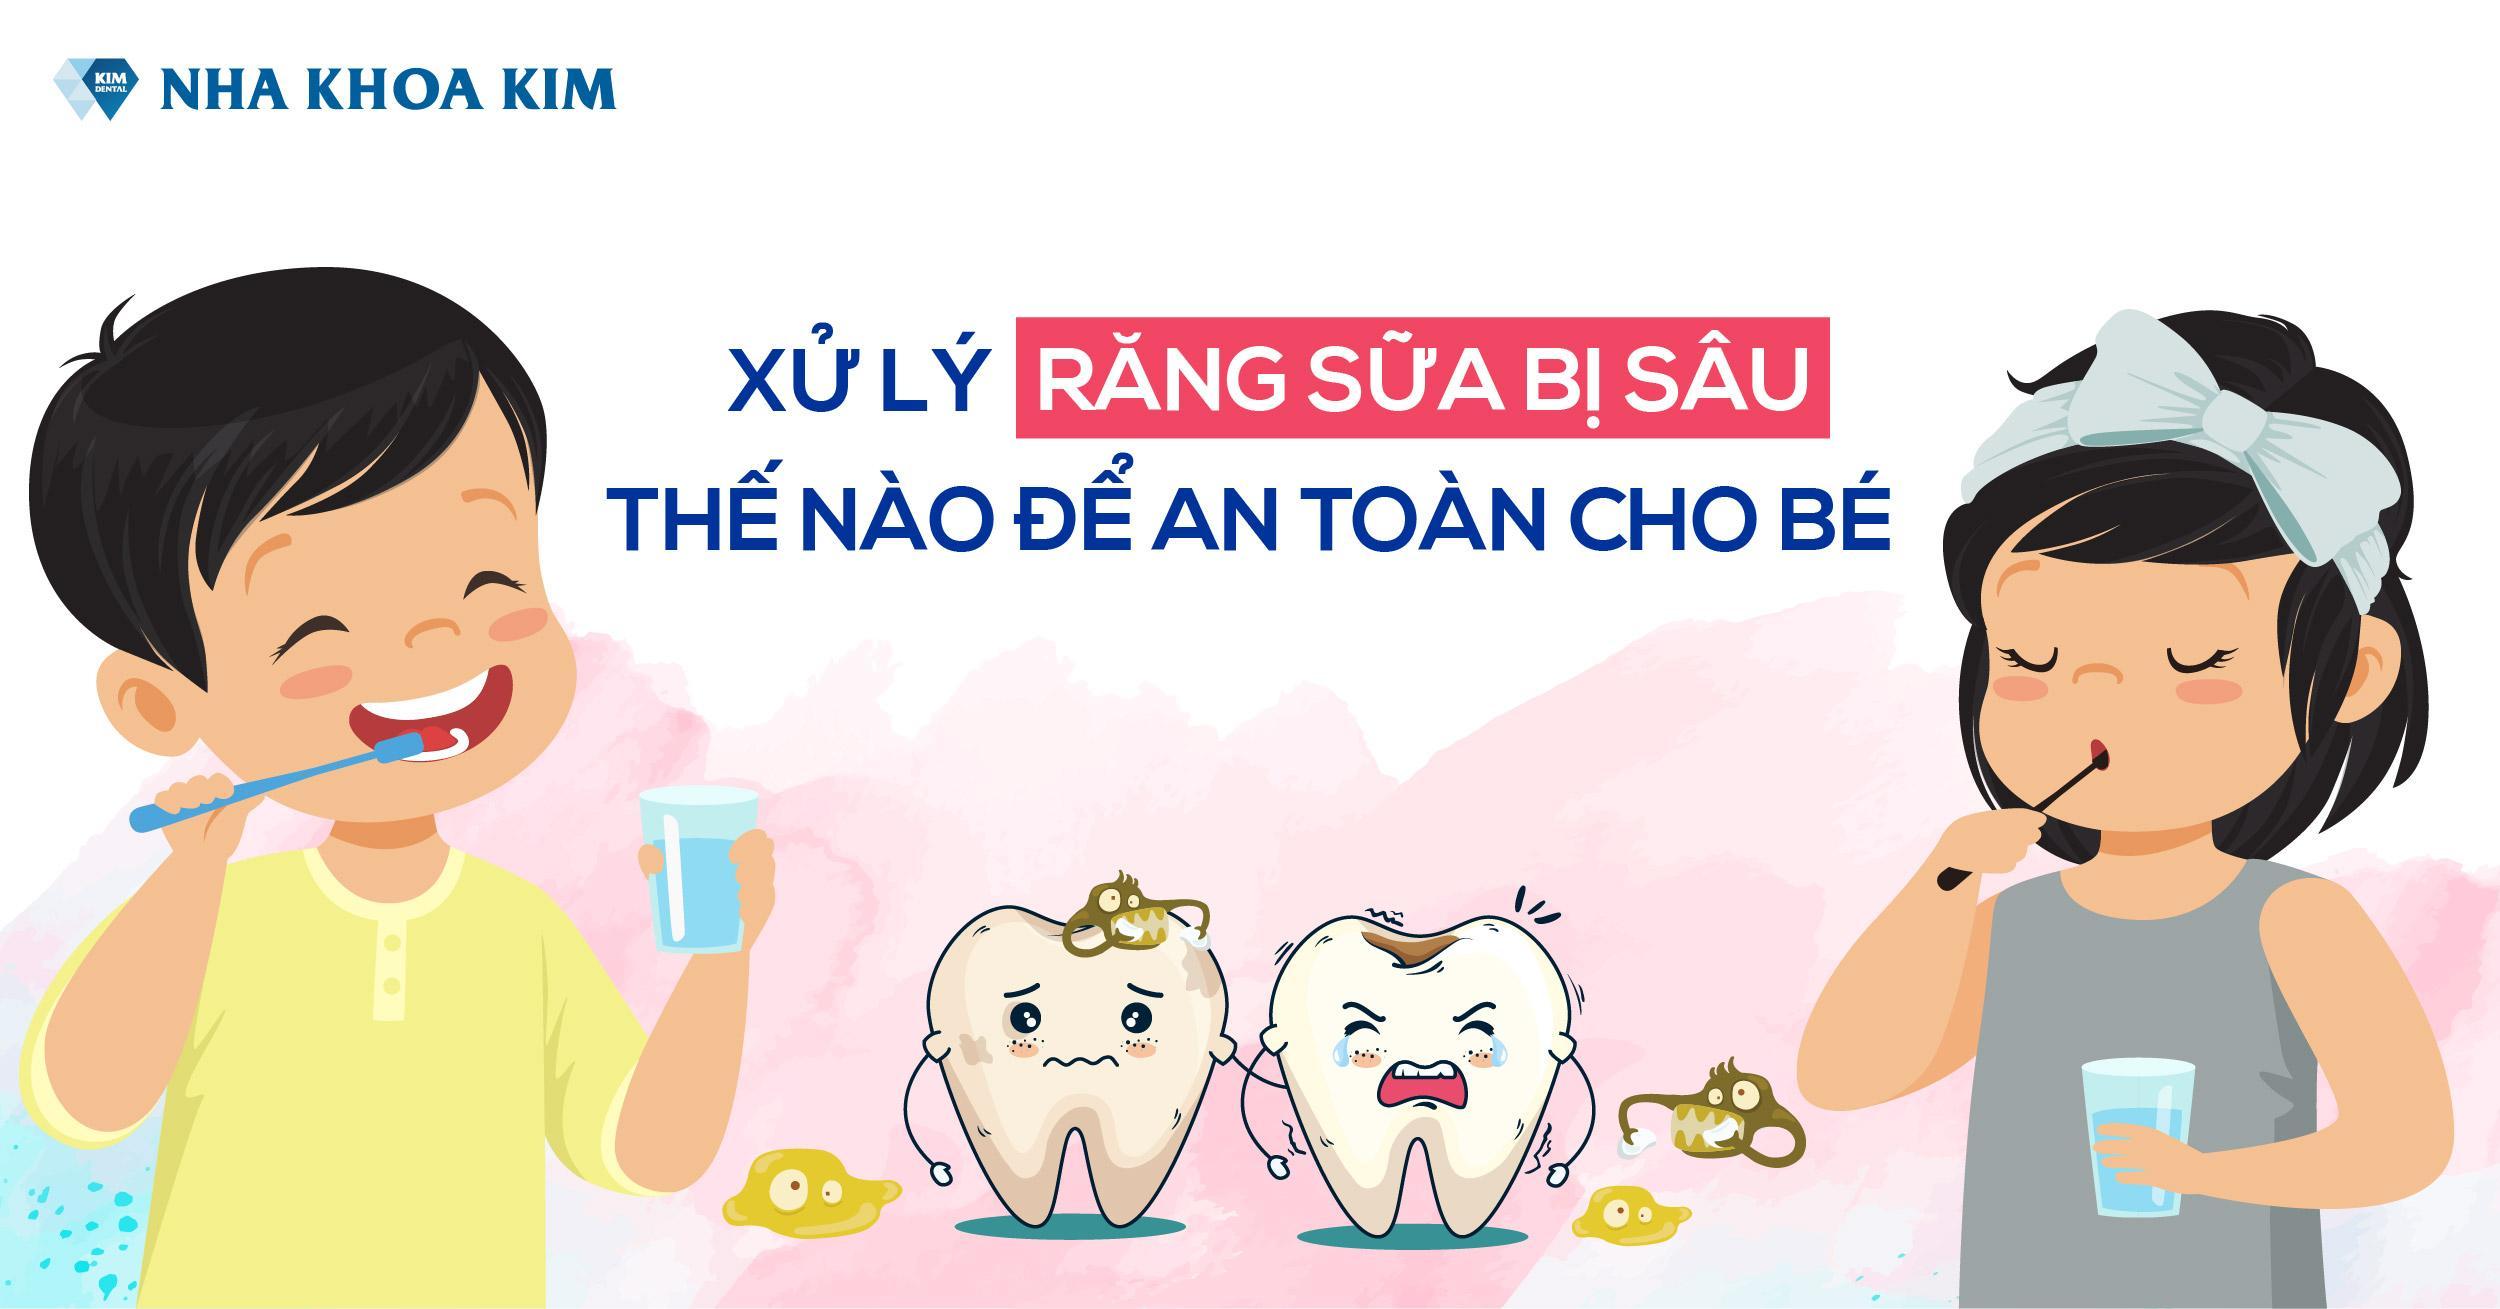 Xử Lý Răng Sữa Bị Sâu Để Bảo Vệ Sức Khỏe Răng Miệng Tốt Nhất Cho Bé